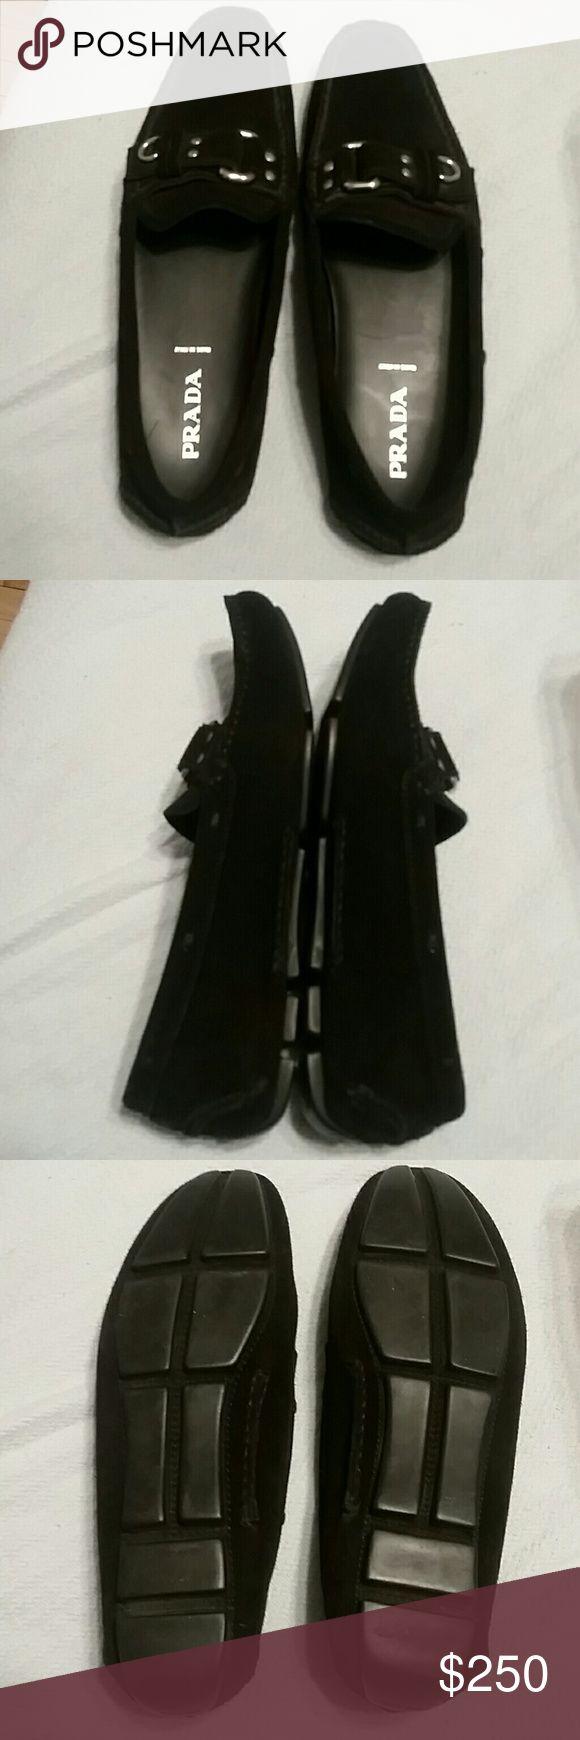 Prada black suede driving loafers Prada black suede driving loafers. Excellent used condition. Size 40 Prada Shoes Flats & Loafers